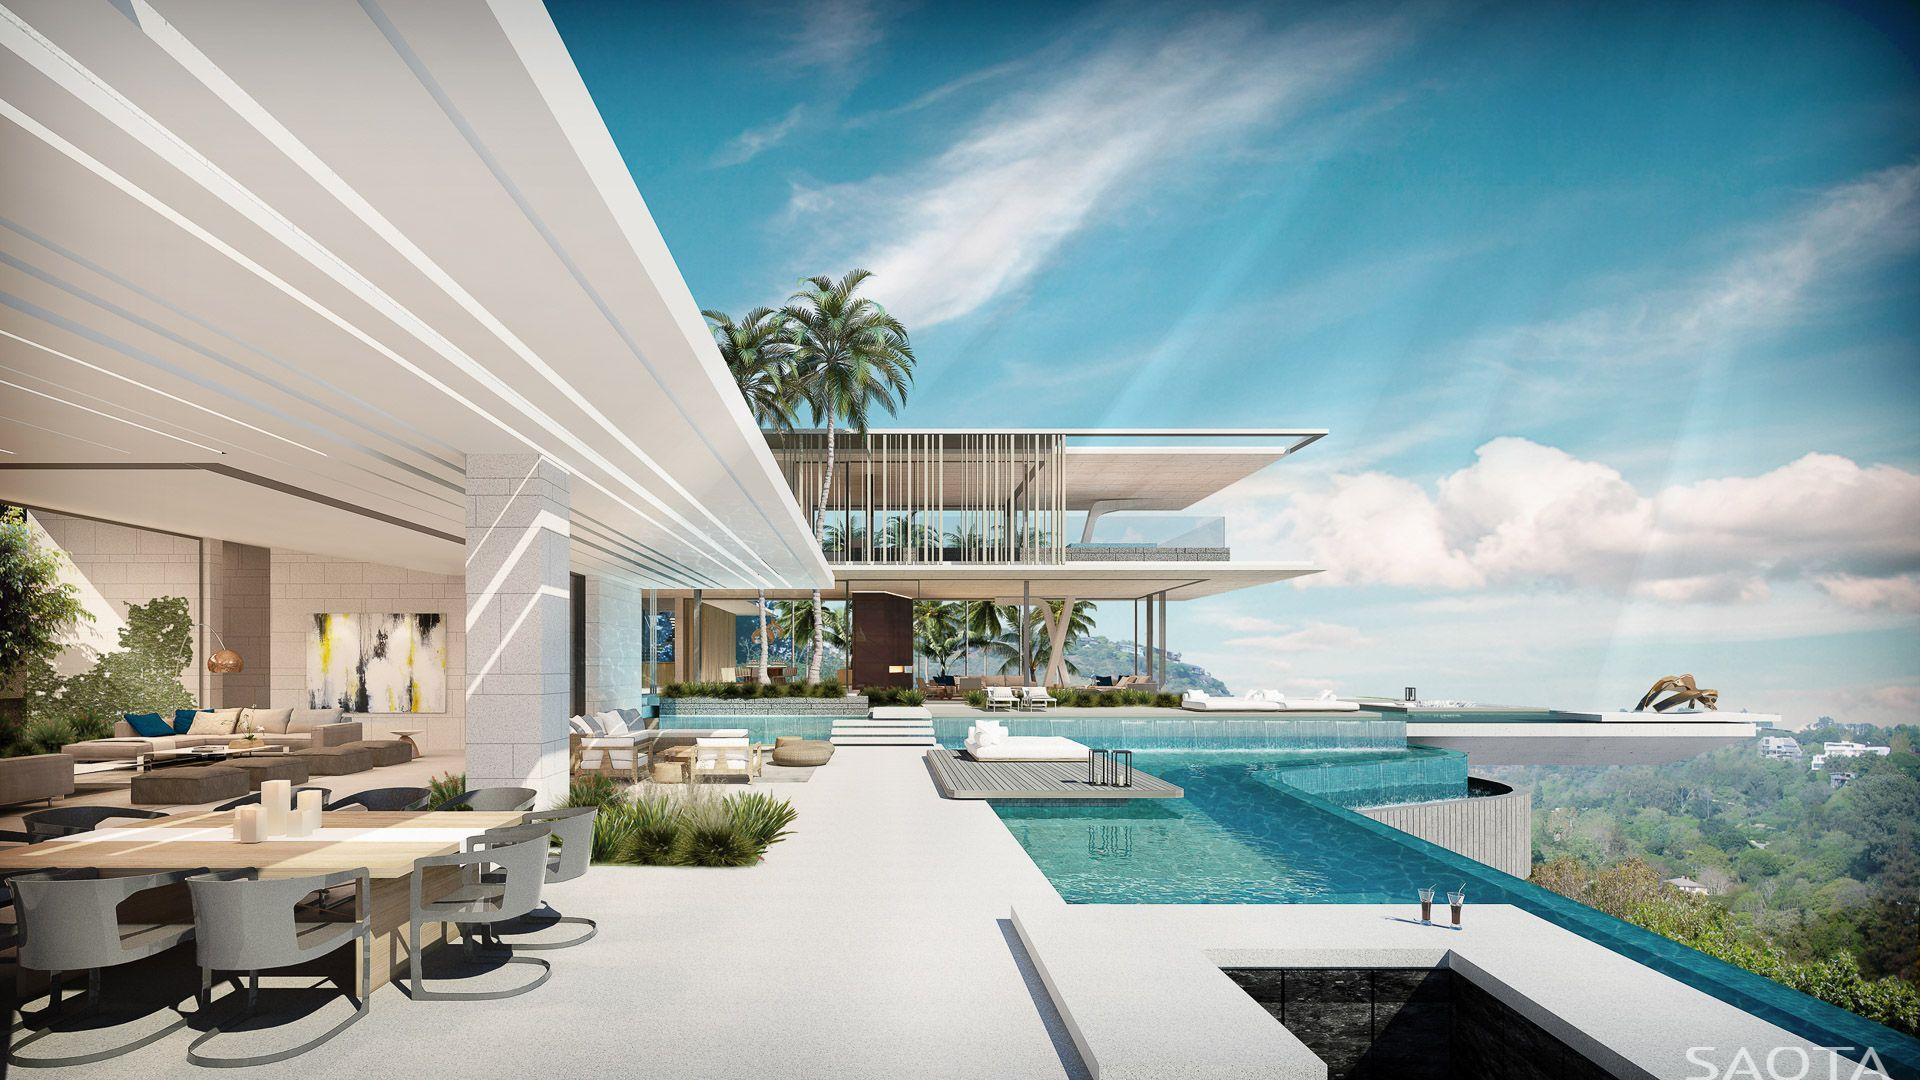 US LA BELLAGIO - SAOTA Architecture and Design | House Design ...